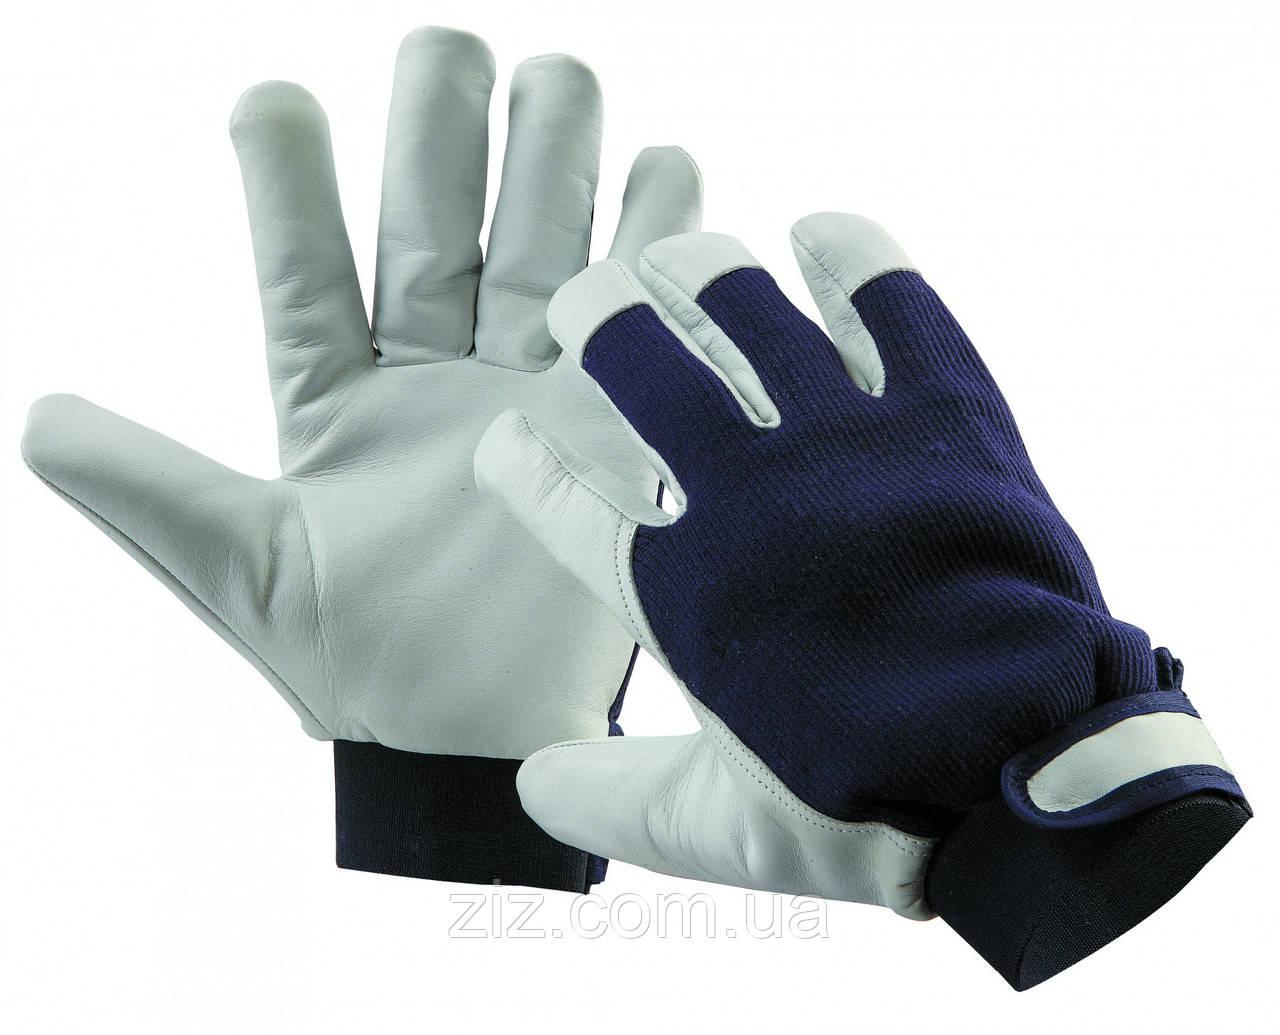 BLUE PELICAN WINTER комбіновані рукавички Утеплені